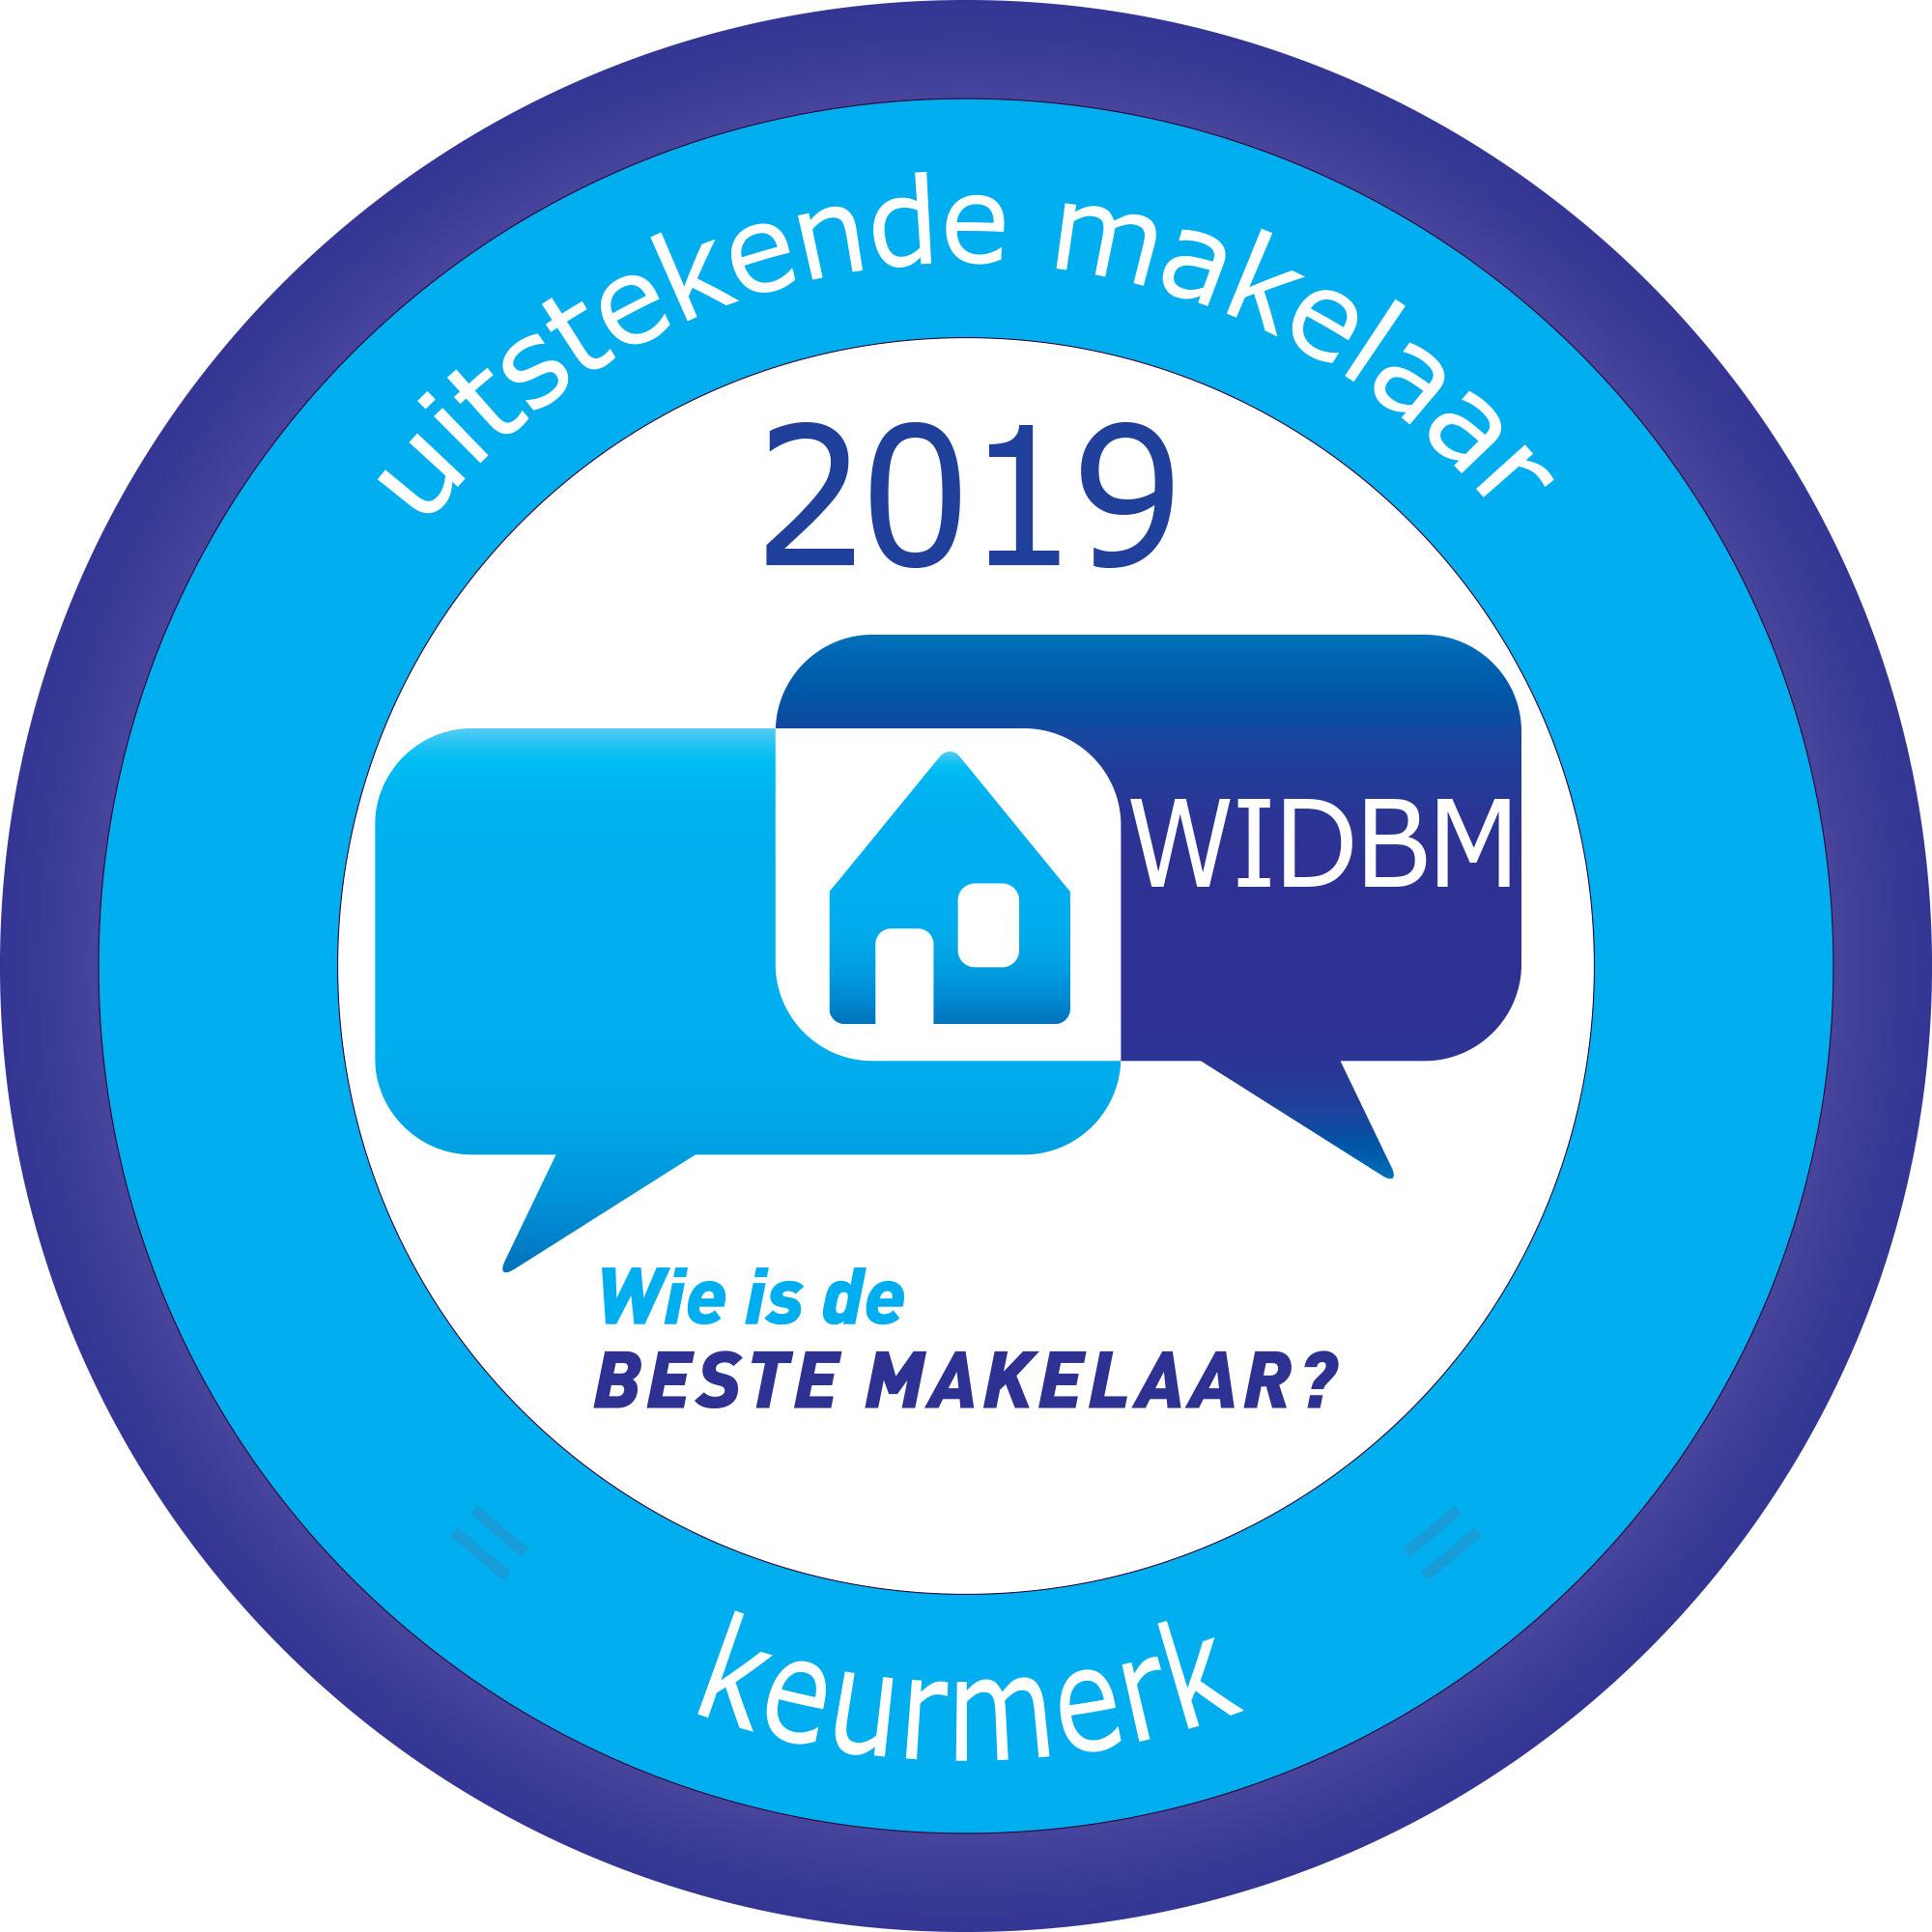 4x1 Makelaardij is uitgeroepen tot uitstekende makelaar in Hoorn